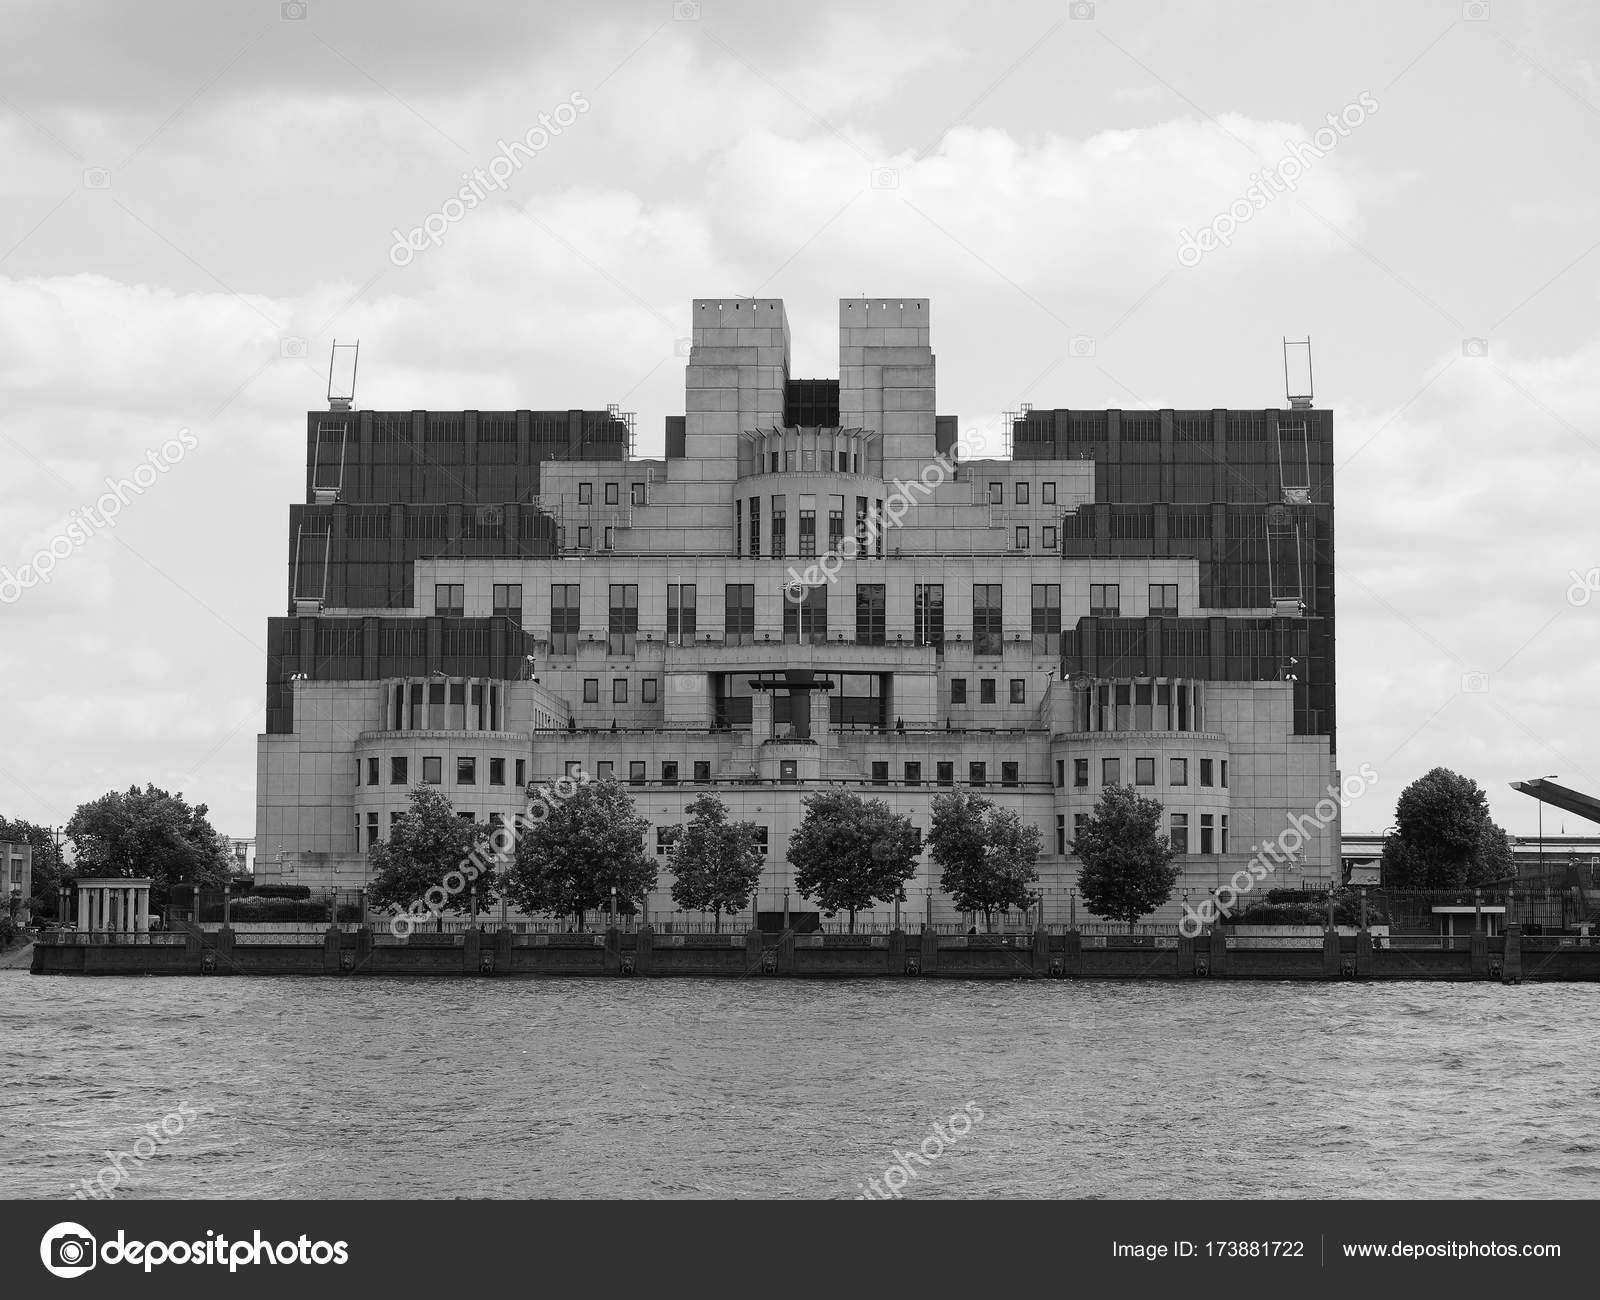 Google Hoofdkwartier Londen : Britse geheime dienst in londen zwart wit u2013 redactionele stockfoto